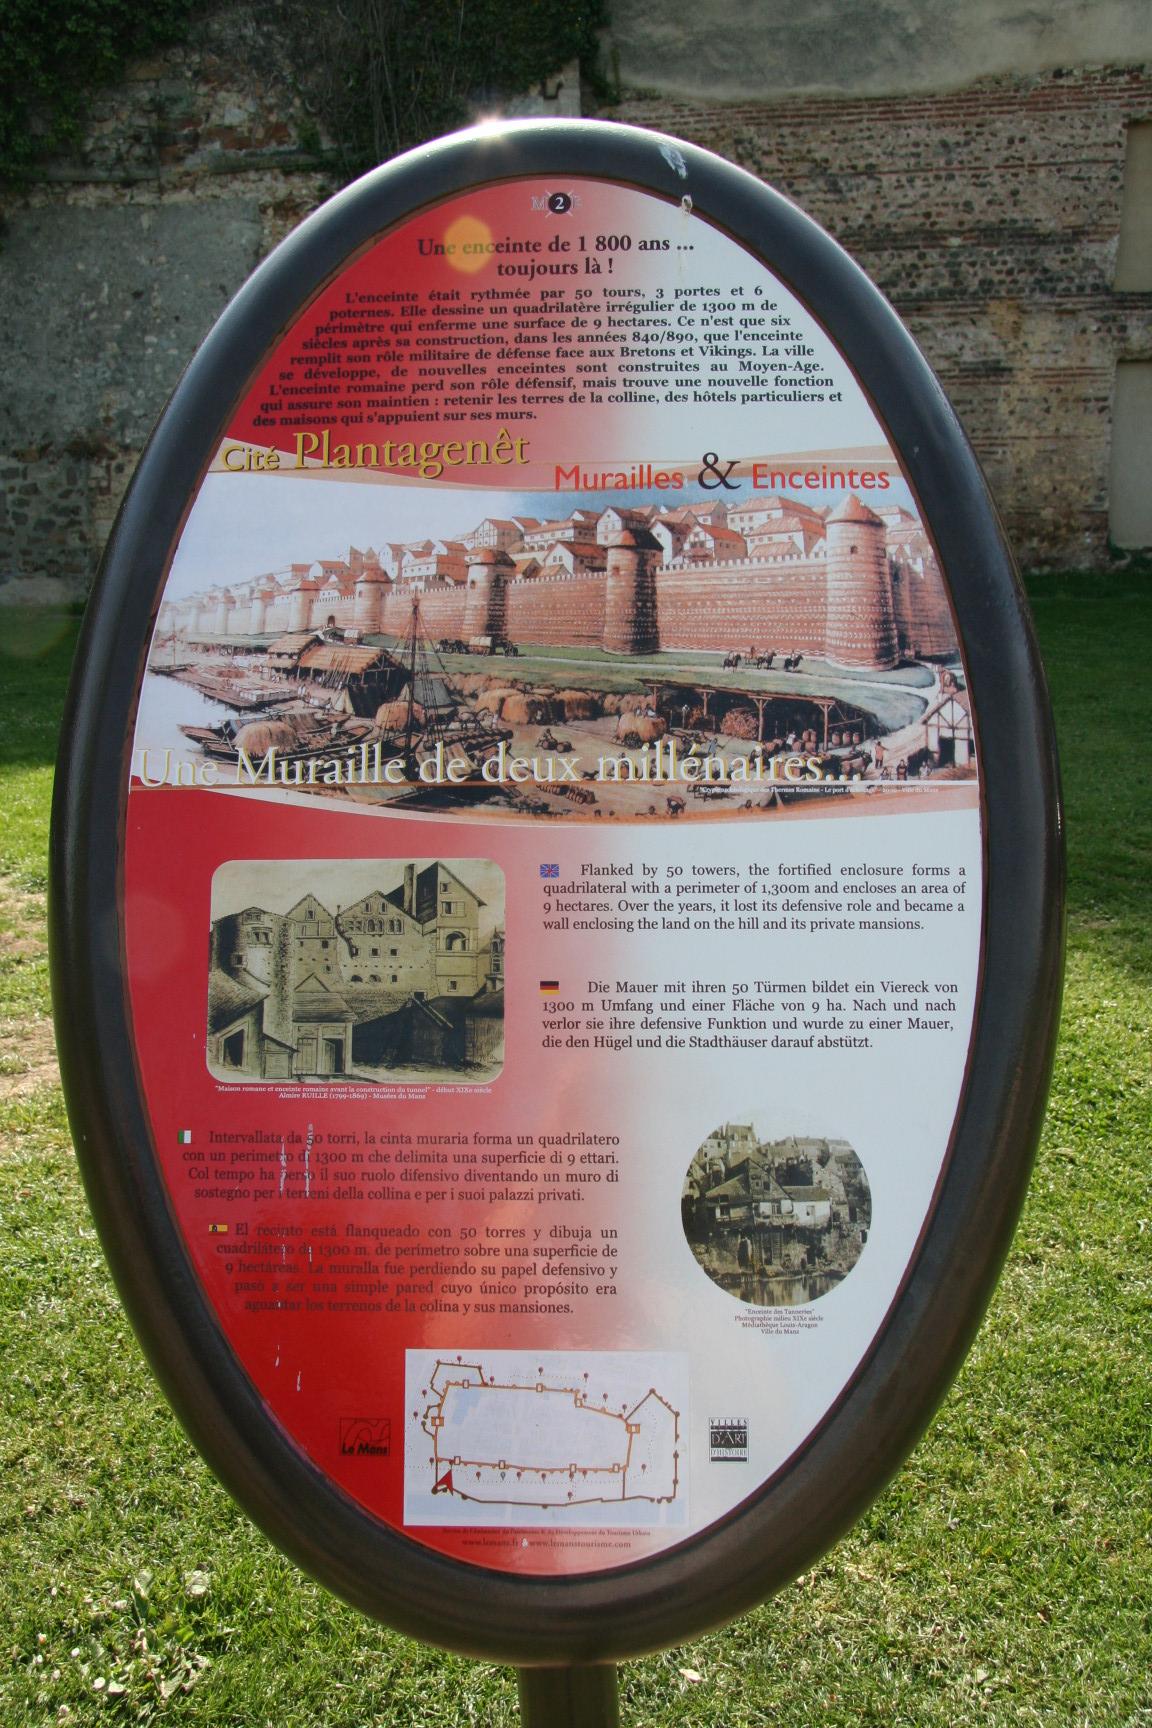 Le Vieux Mans en 2010 - L'enceinte romaine - Muraille 18 - Une Muraille de deux millénaires (Sylvie Leveau)